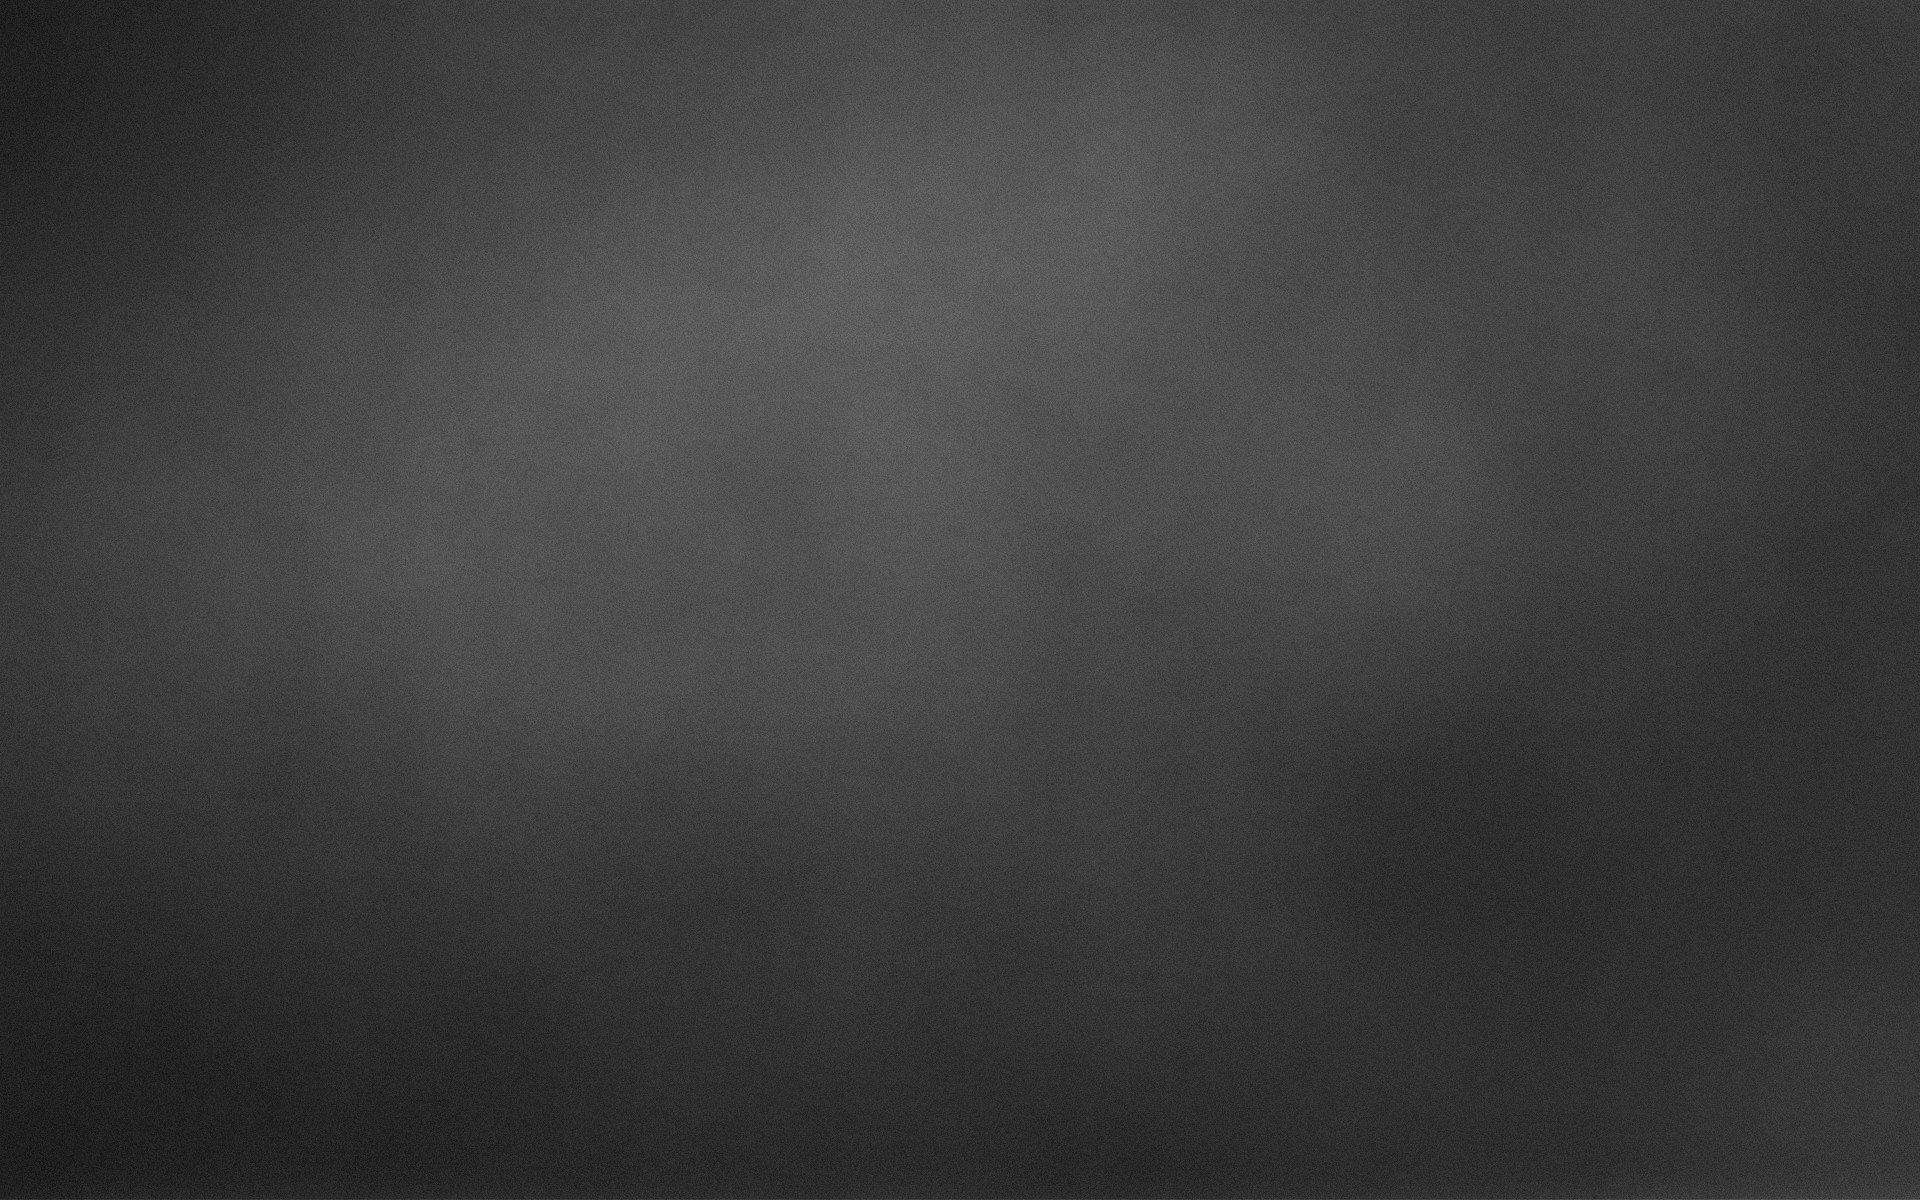 Gris fondo de pantalla hd fondo de escritorio for Fondo de pantalla gris